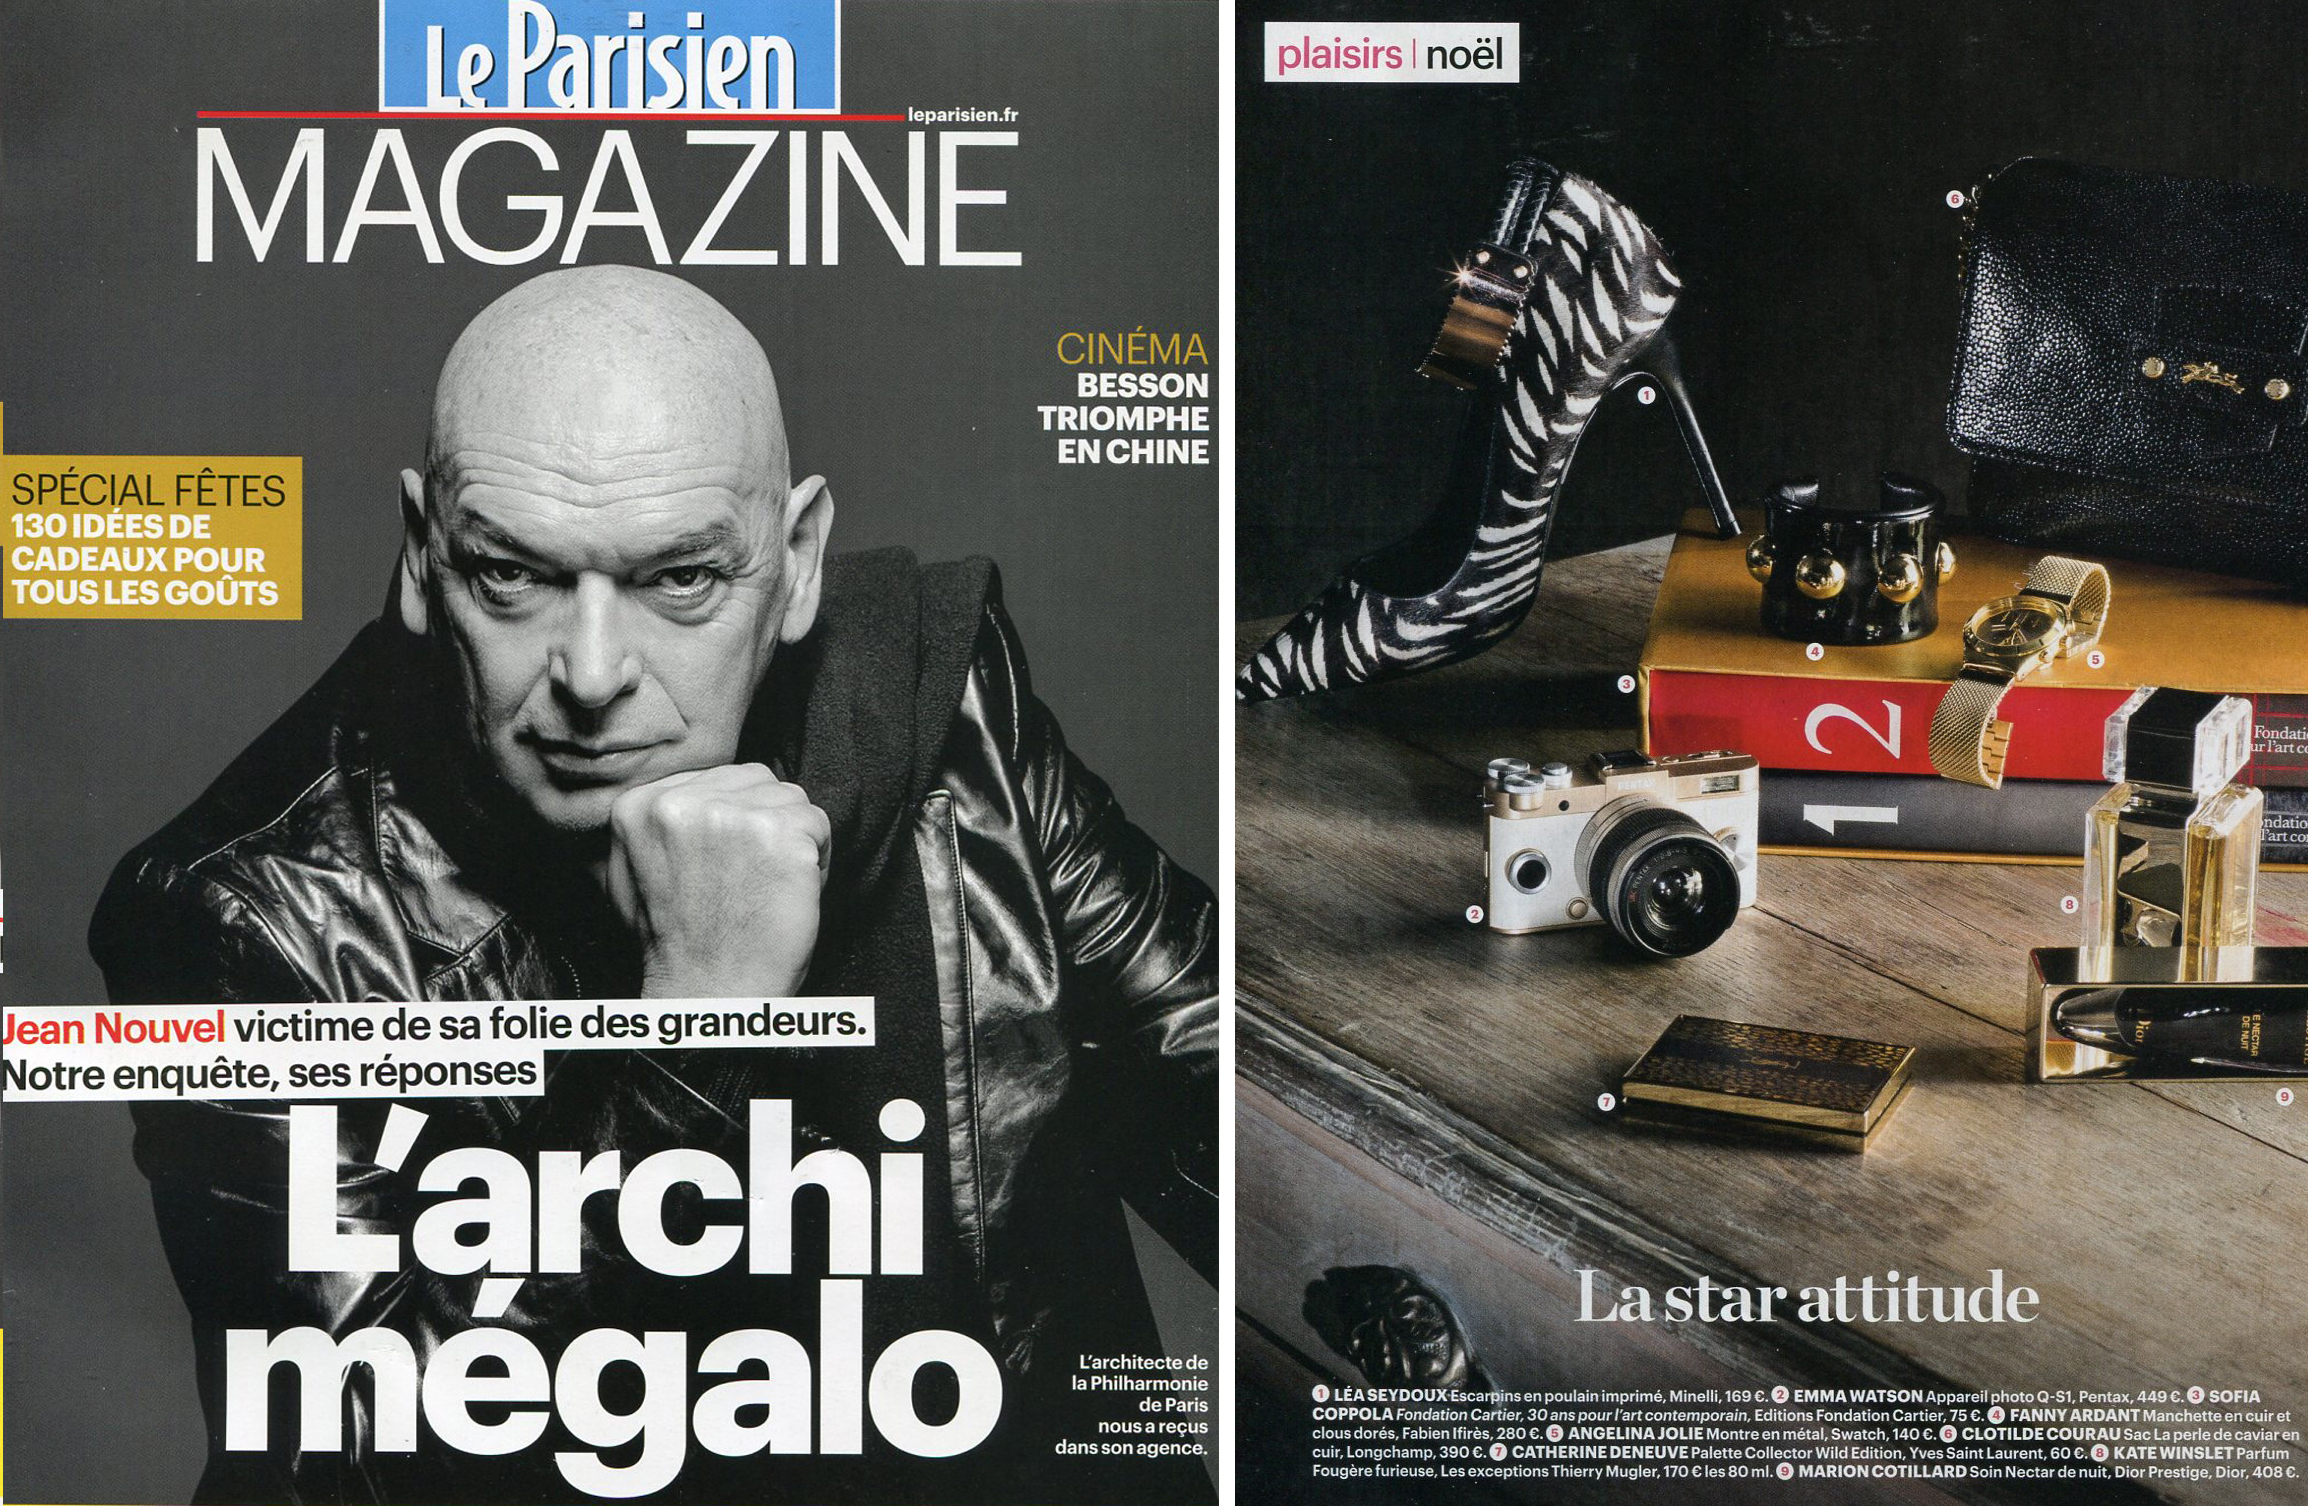 Copy of Le Parisien